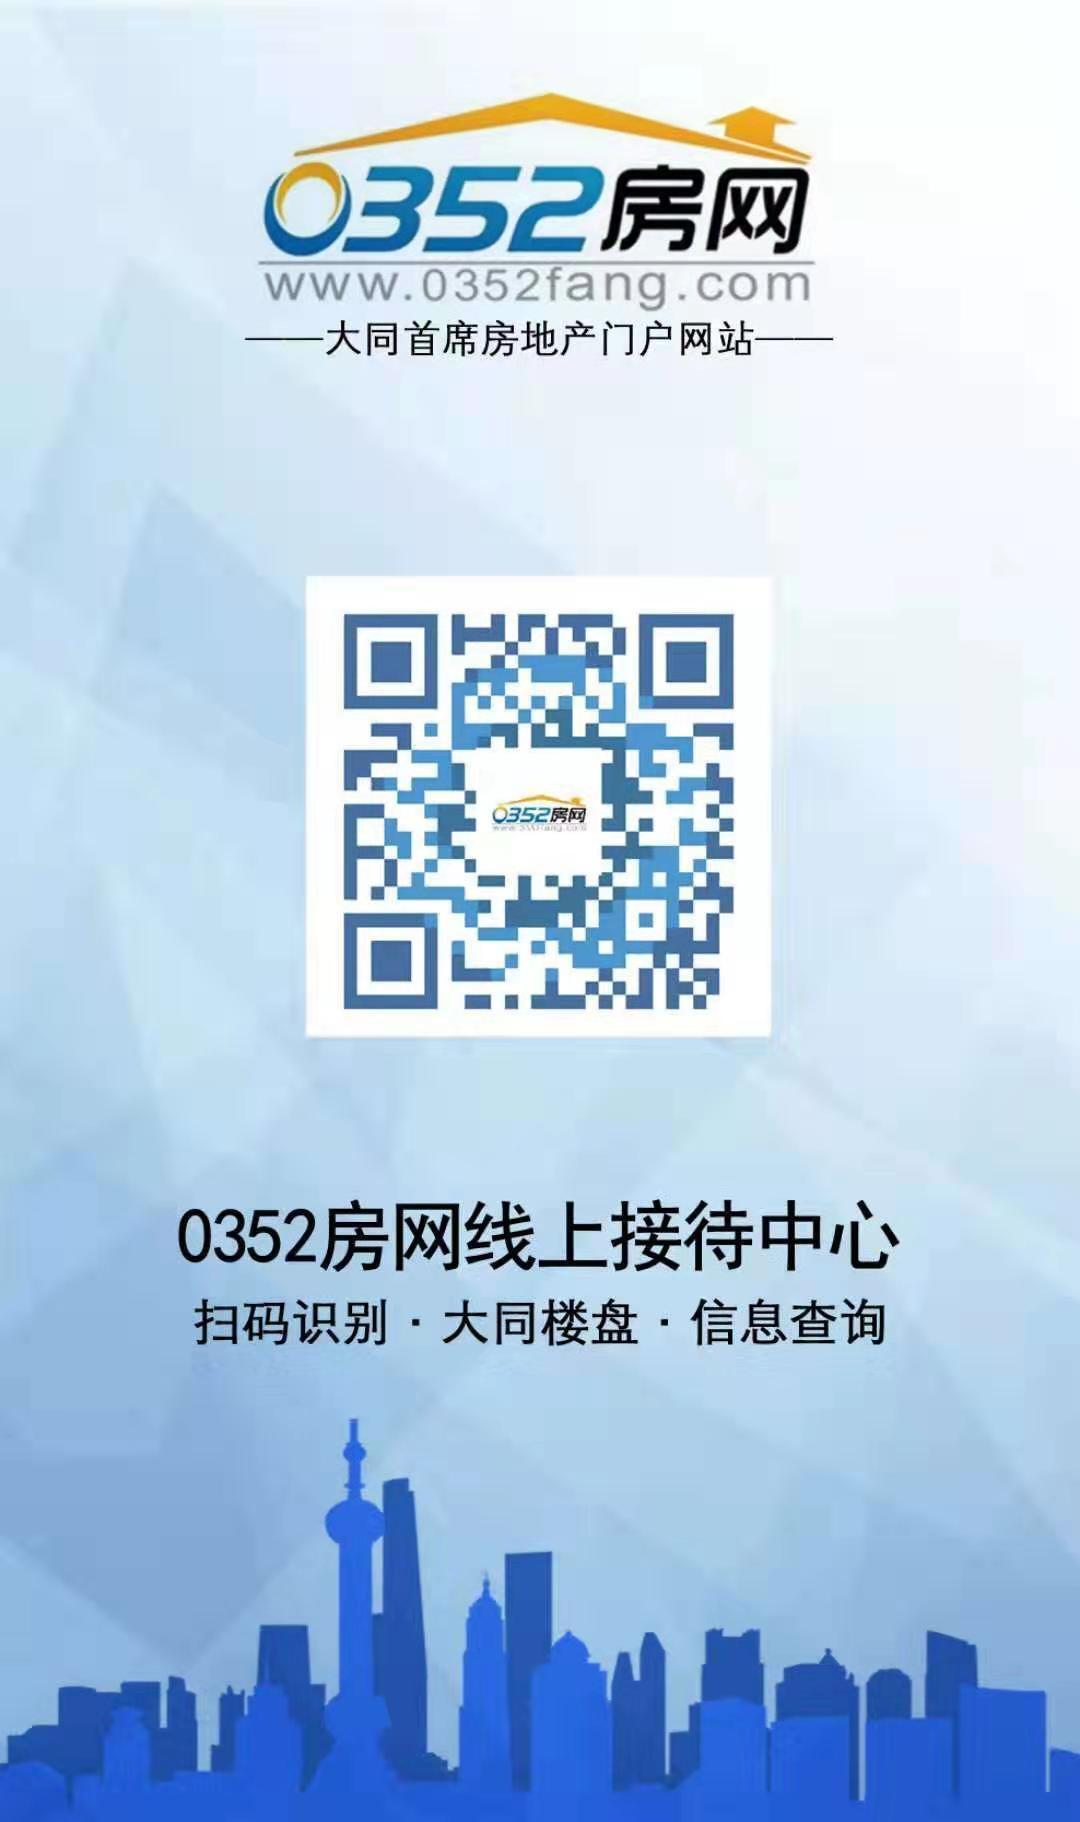 1017002163337ae35a6656.jpg